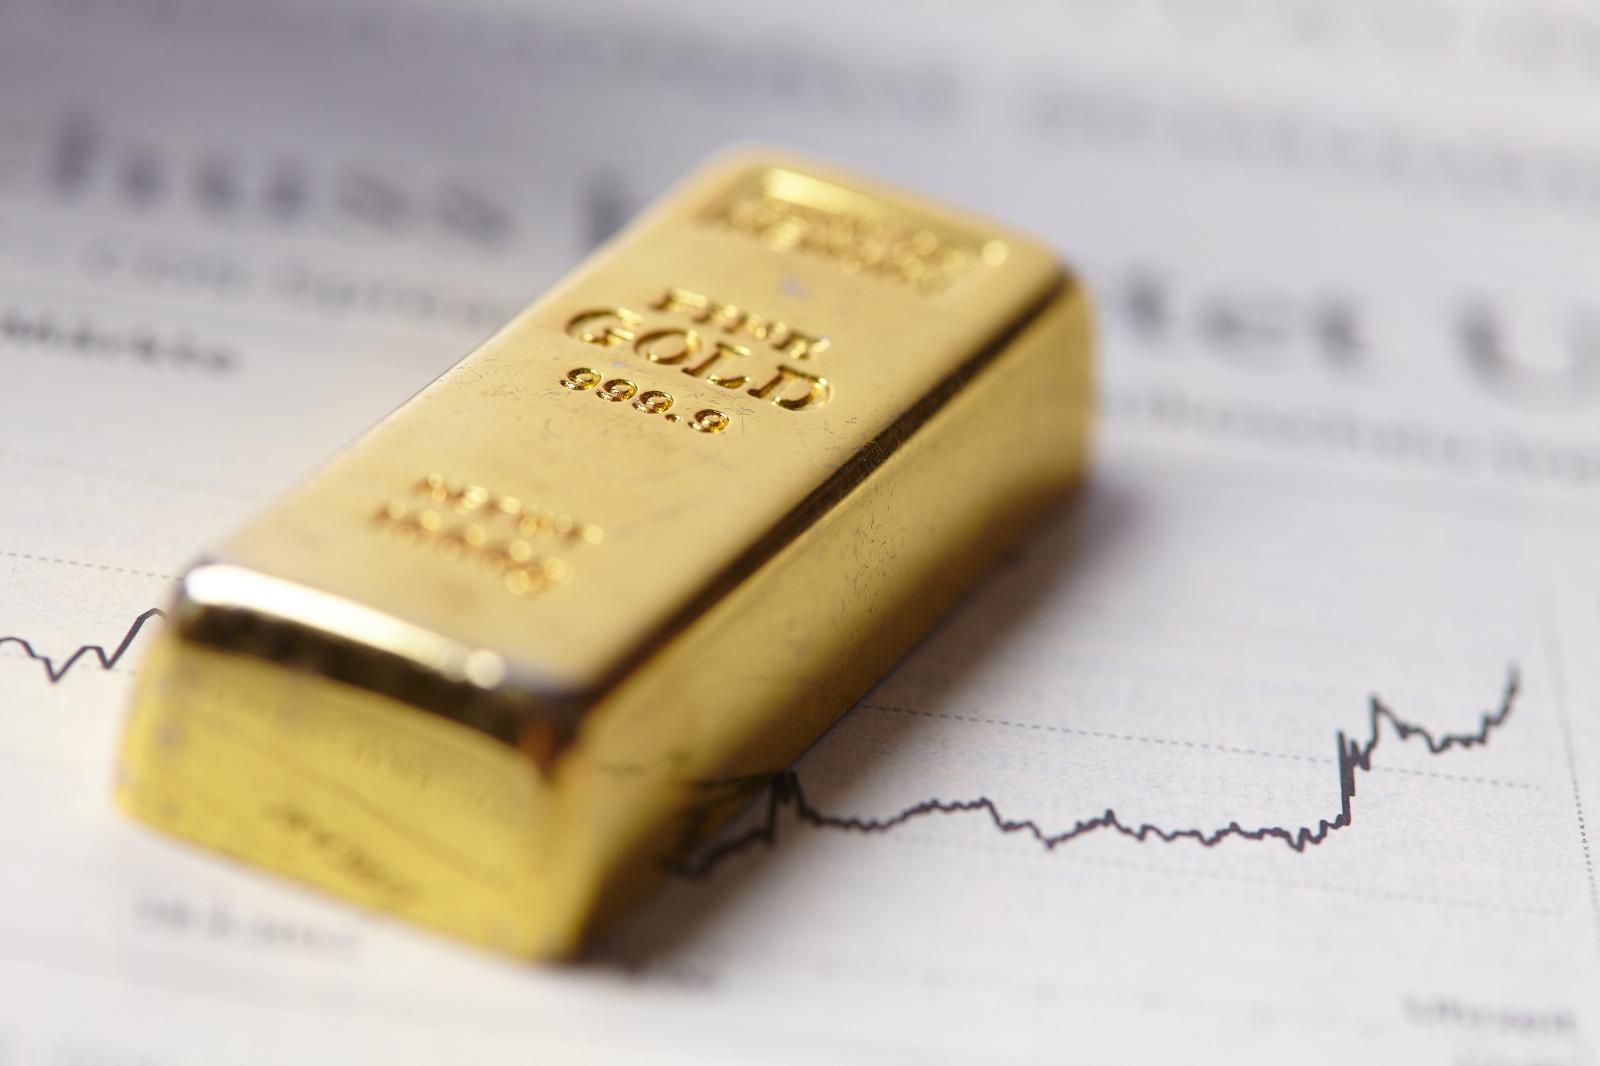 Goud als bescherming tegen de negatieve spaarrente